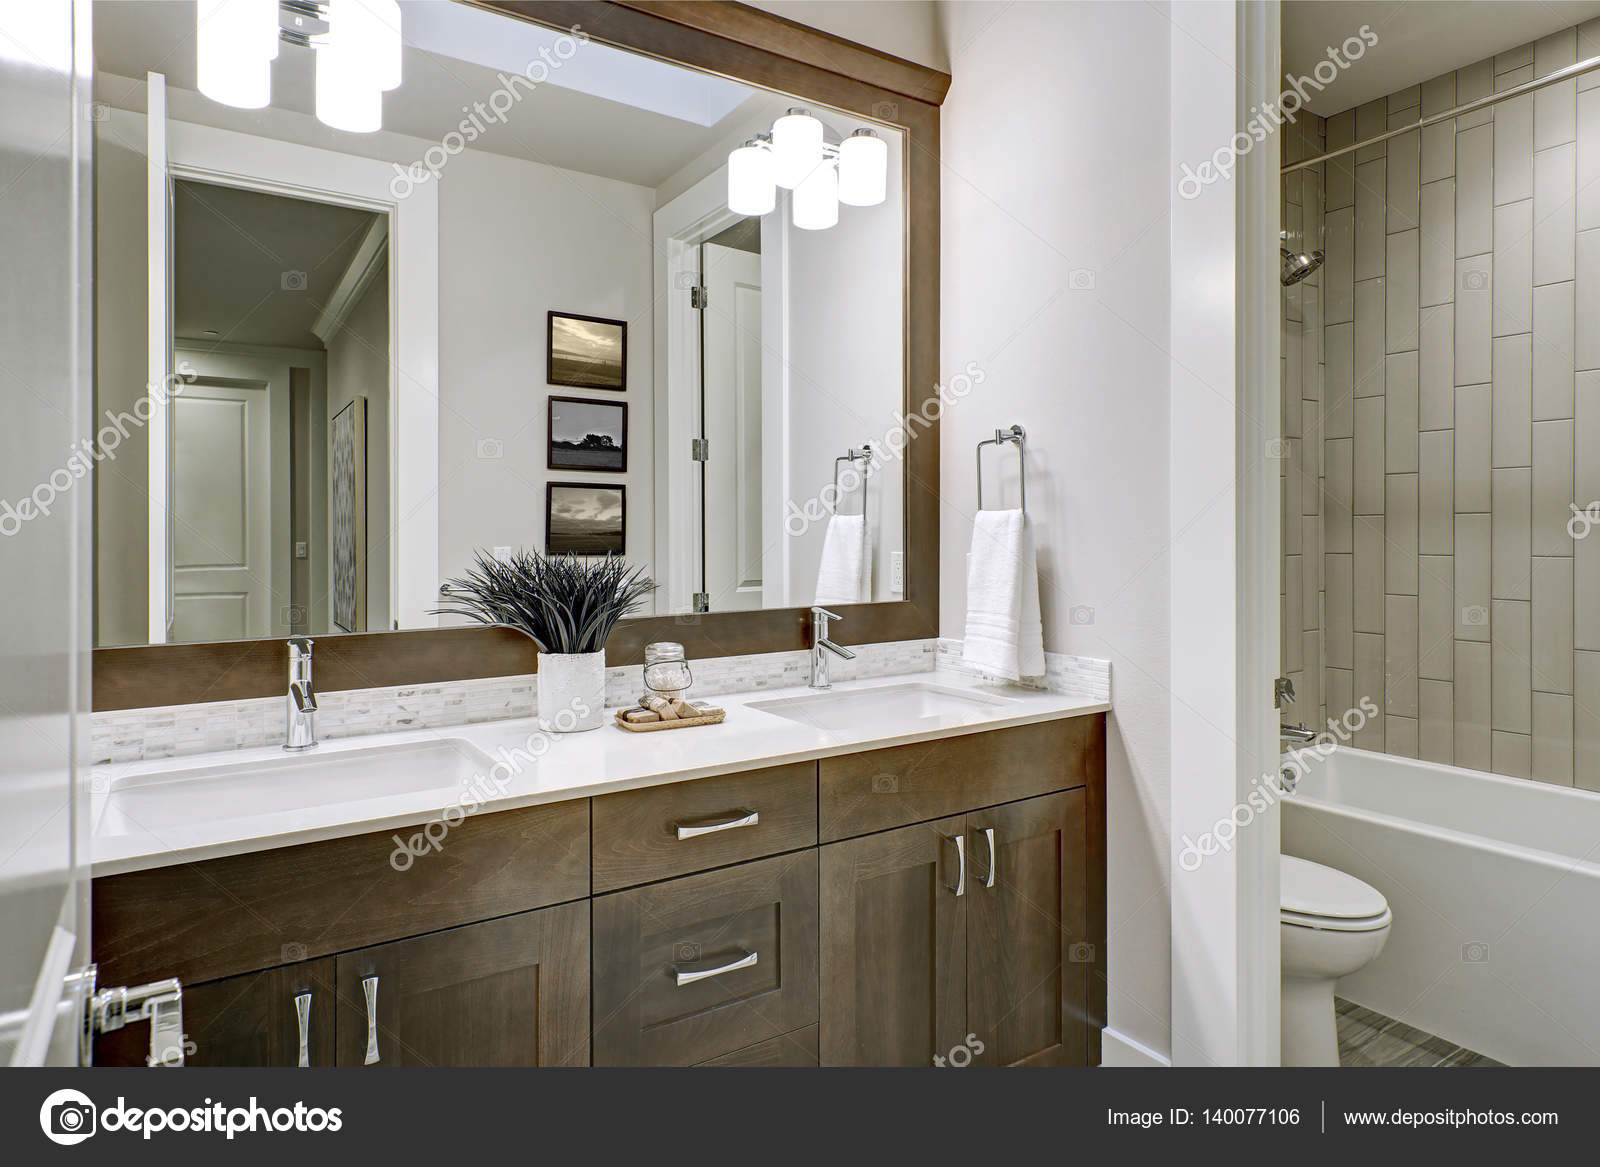 Białe I Brązowe łazienka Mieści Zakątek Wypełniony Dwuosobowy Vanity